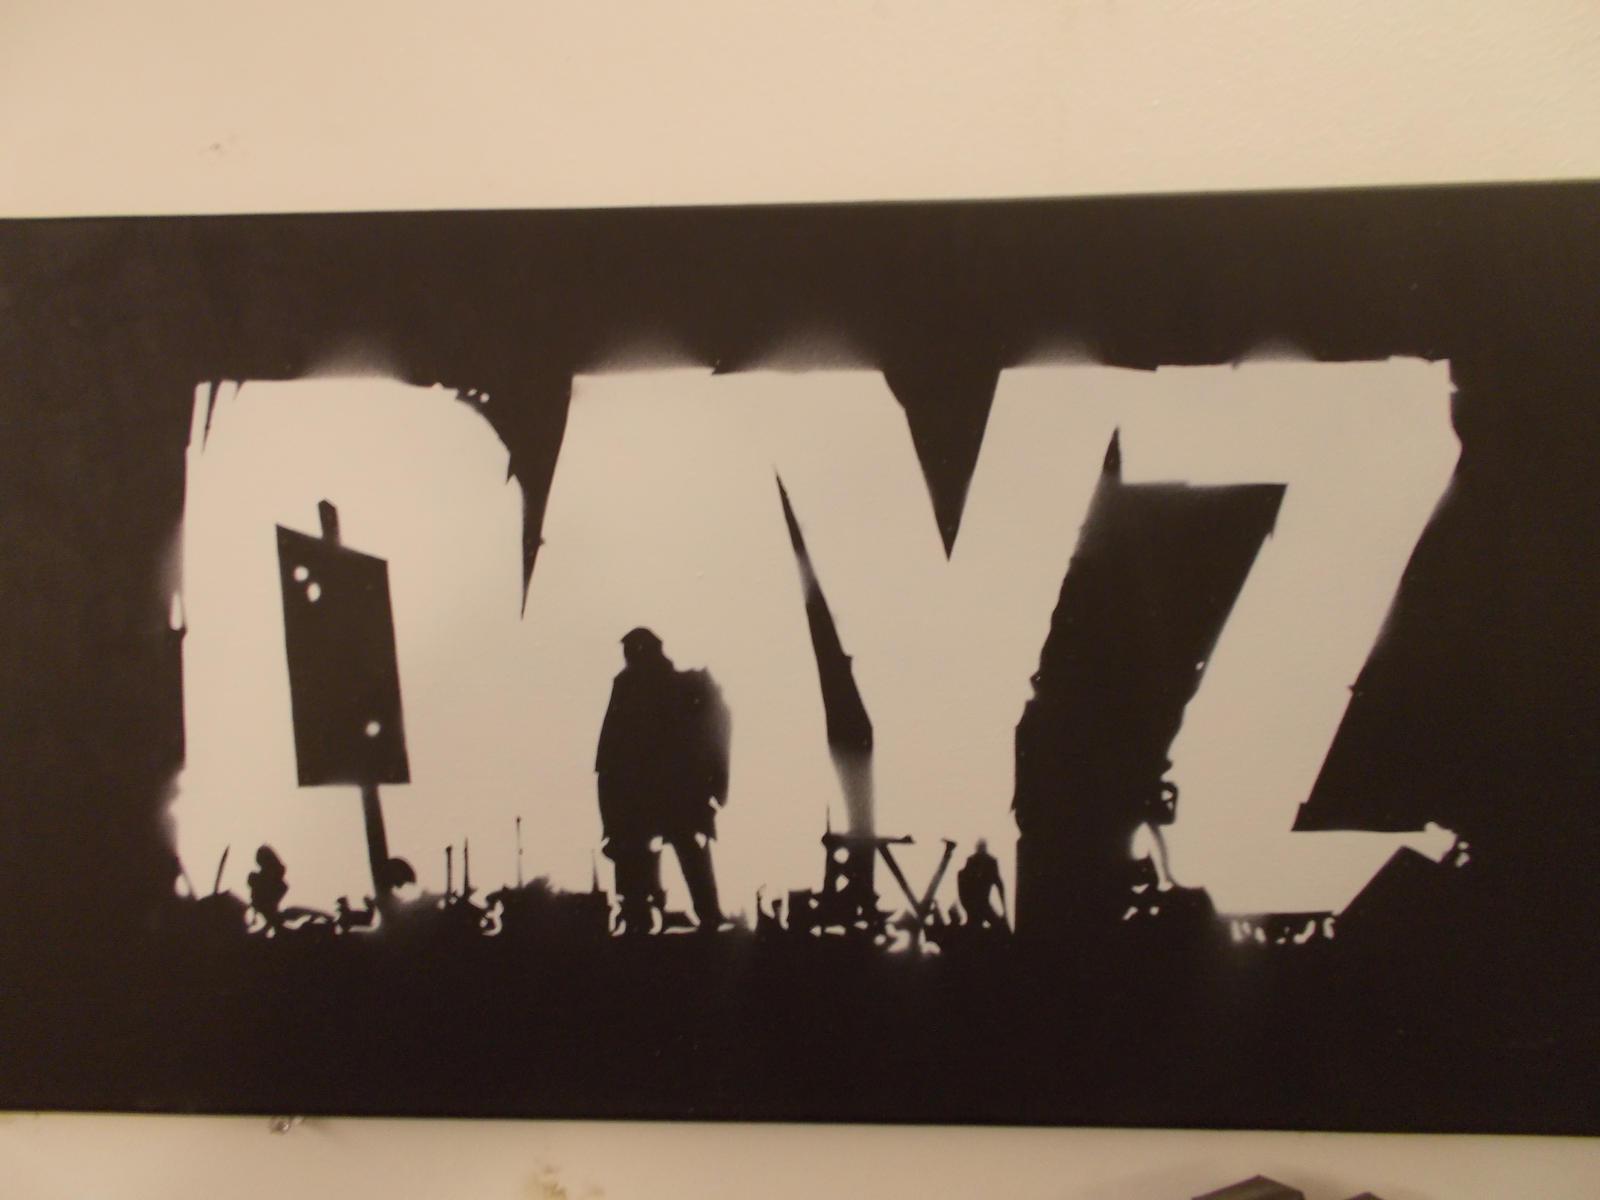 DAYZ Stencil by zertzes